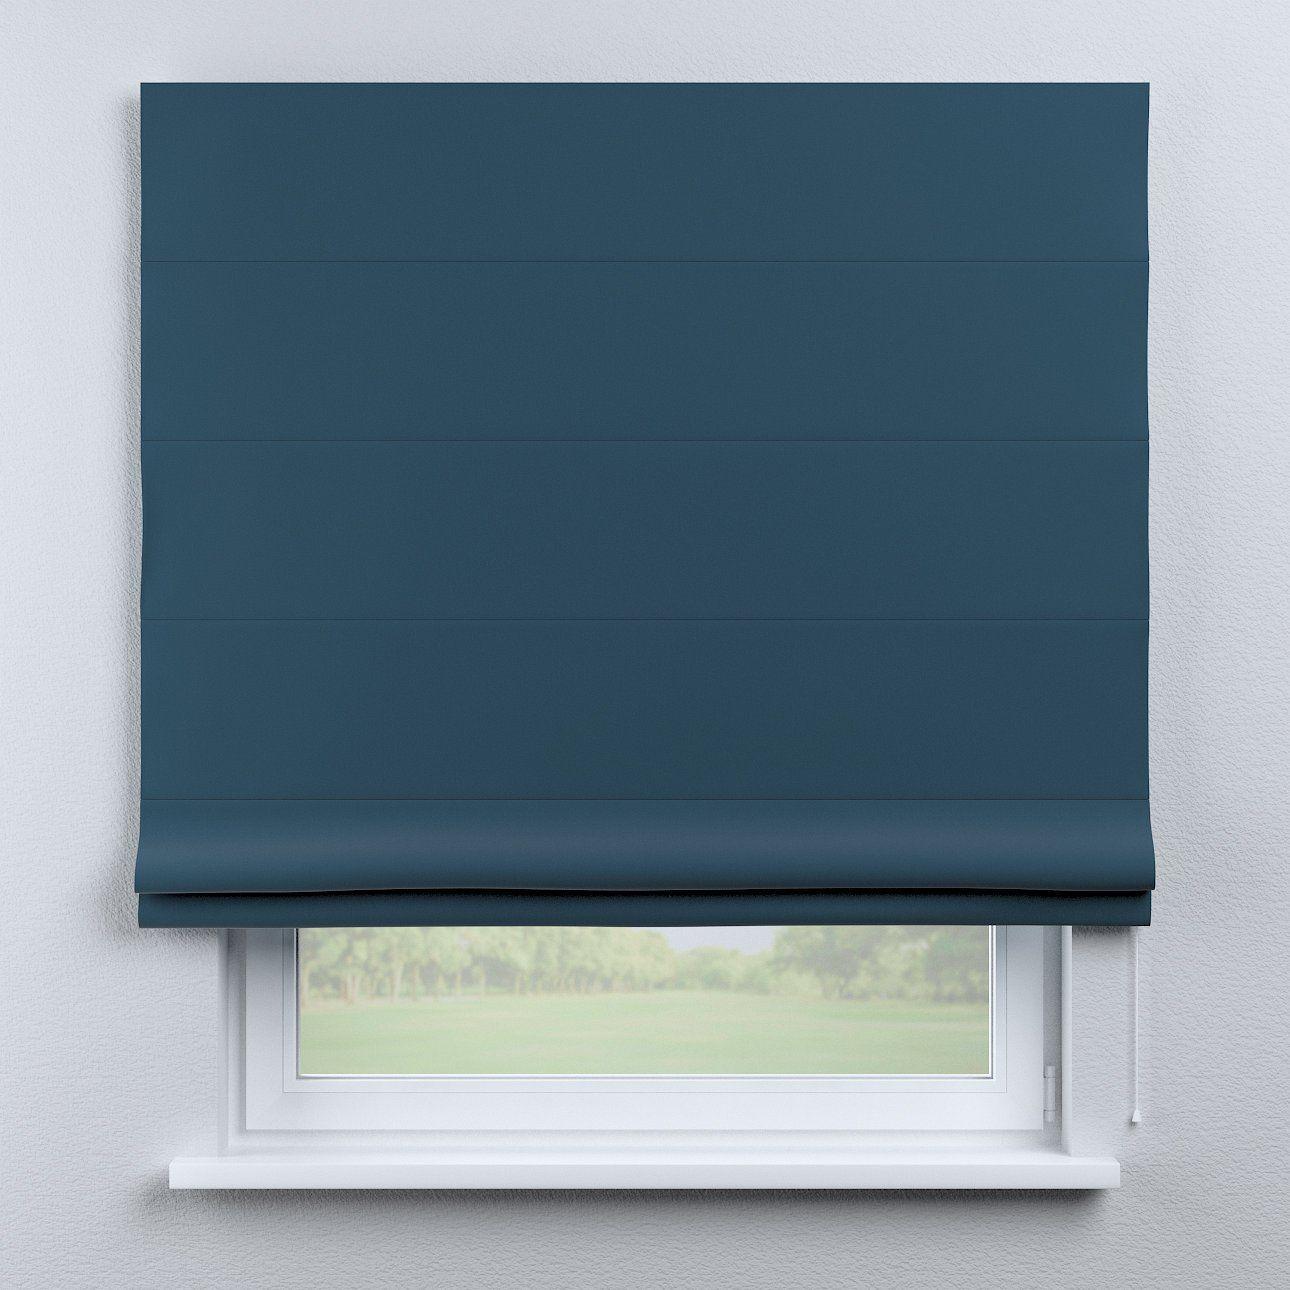 Raffrollo Capri Blau 100 170 Cm Velvet Rollos Jalousien